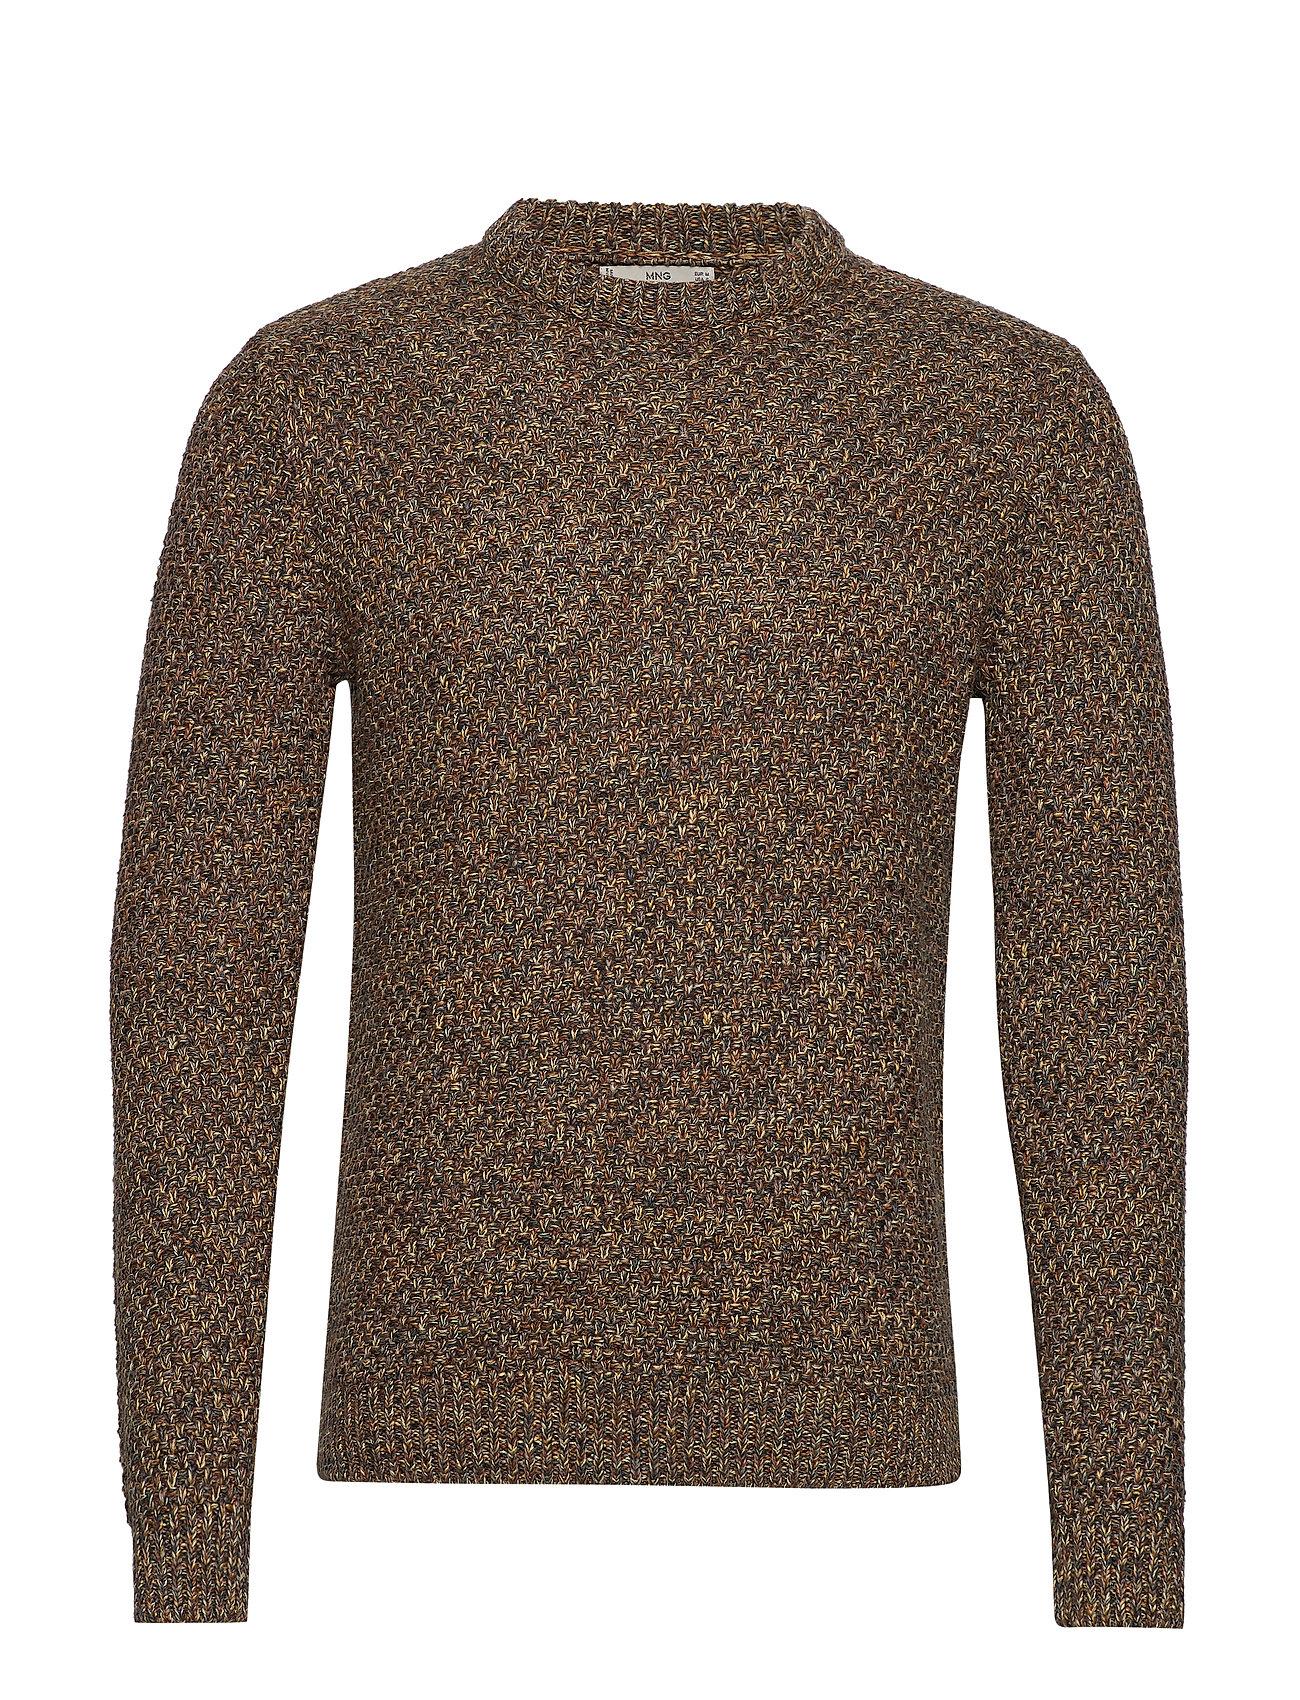 Mango Man Openwork cotton sweater - MEDIUM BROWN